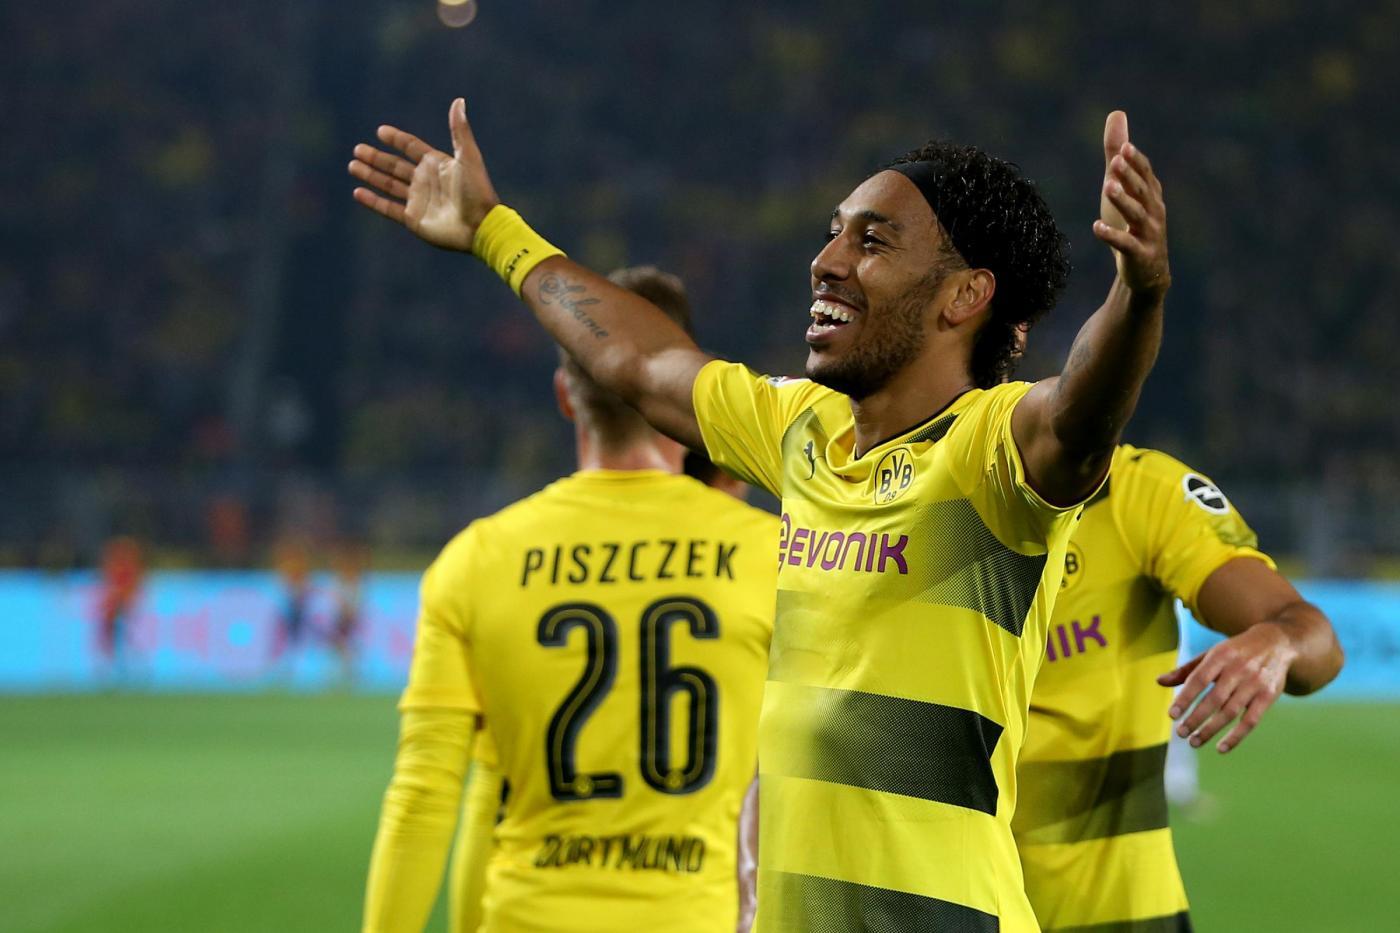 Bayern Monaco-Borussia Dortmund mercoledì 20 dicembre, analisi e pronostico DFB Pokal